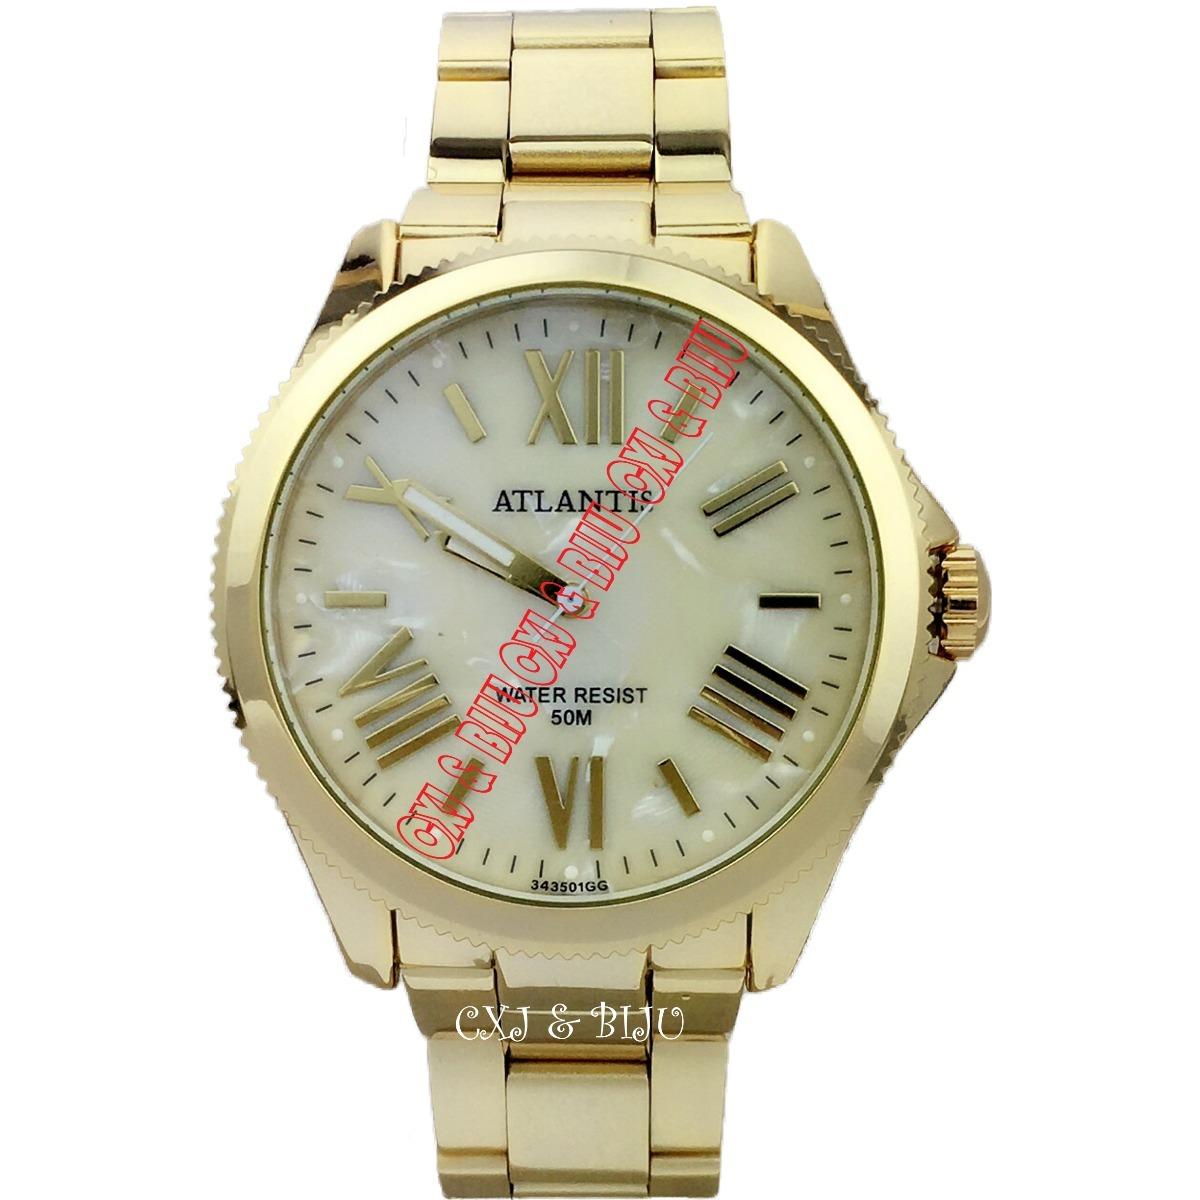 b24528e5e43 relógio atlantis feminino aço folheado ouro diametro de 4cm. Carregando  zoom.